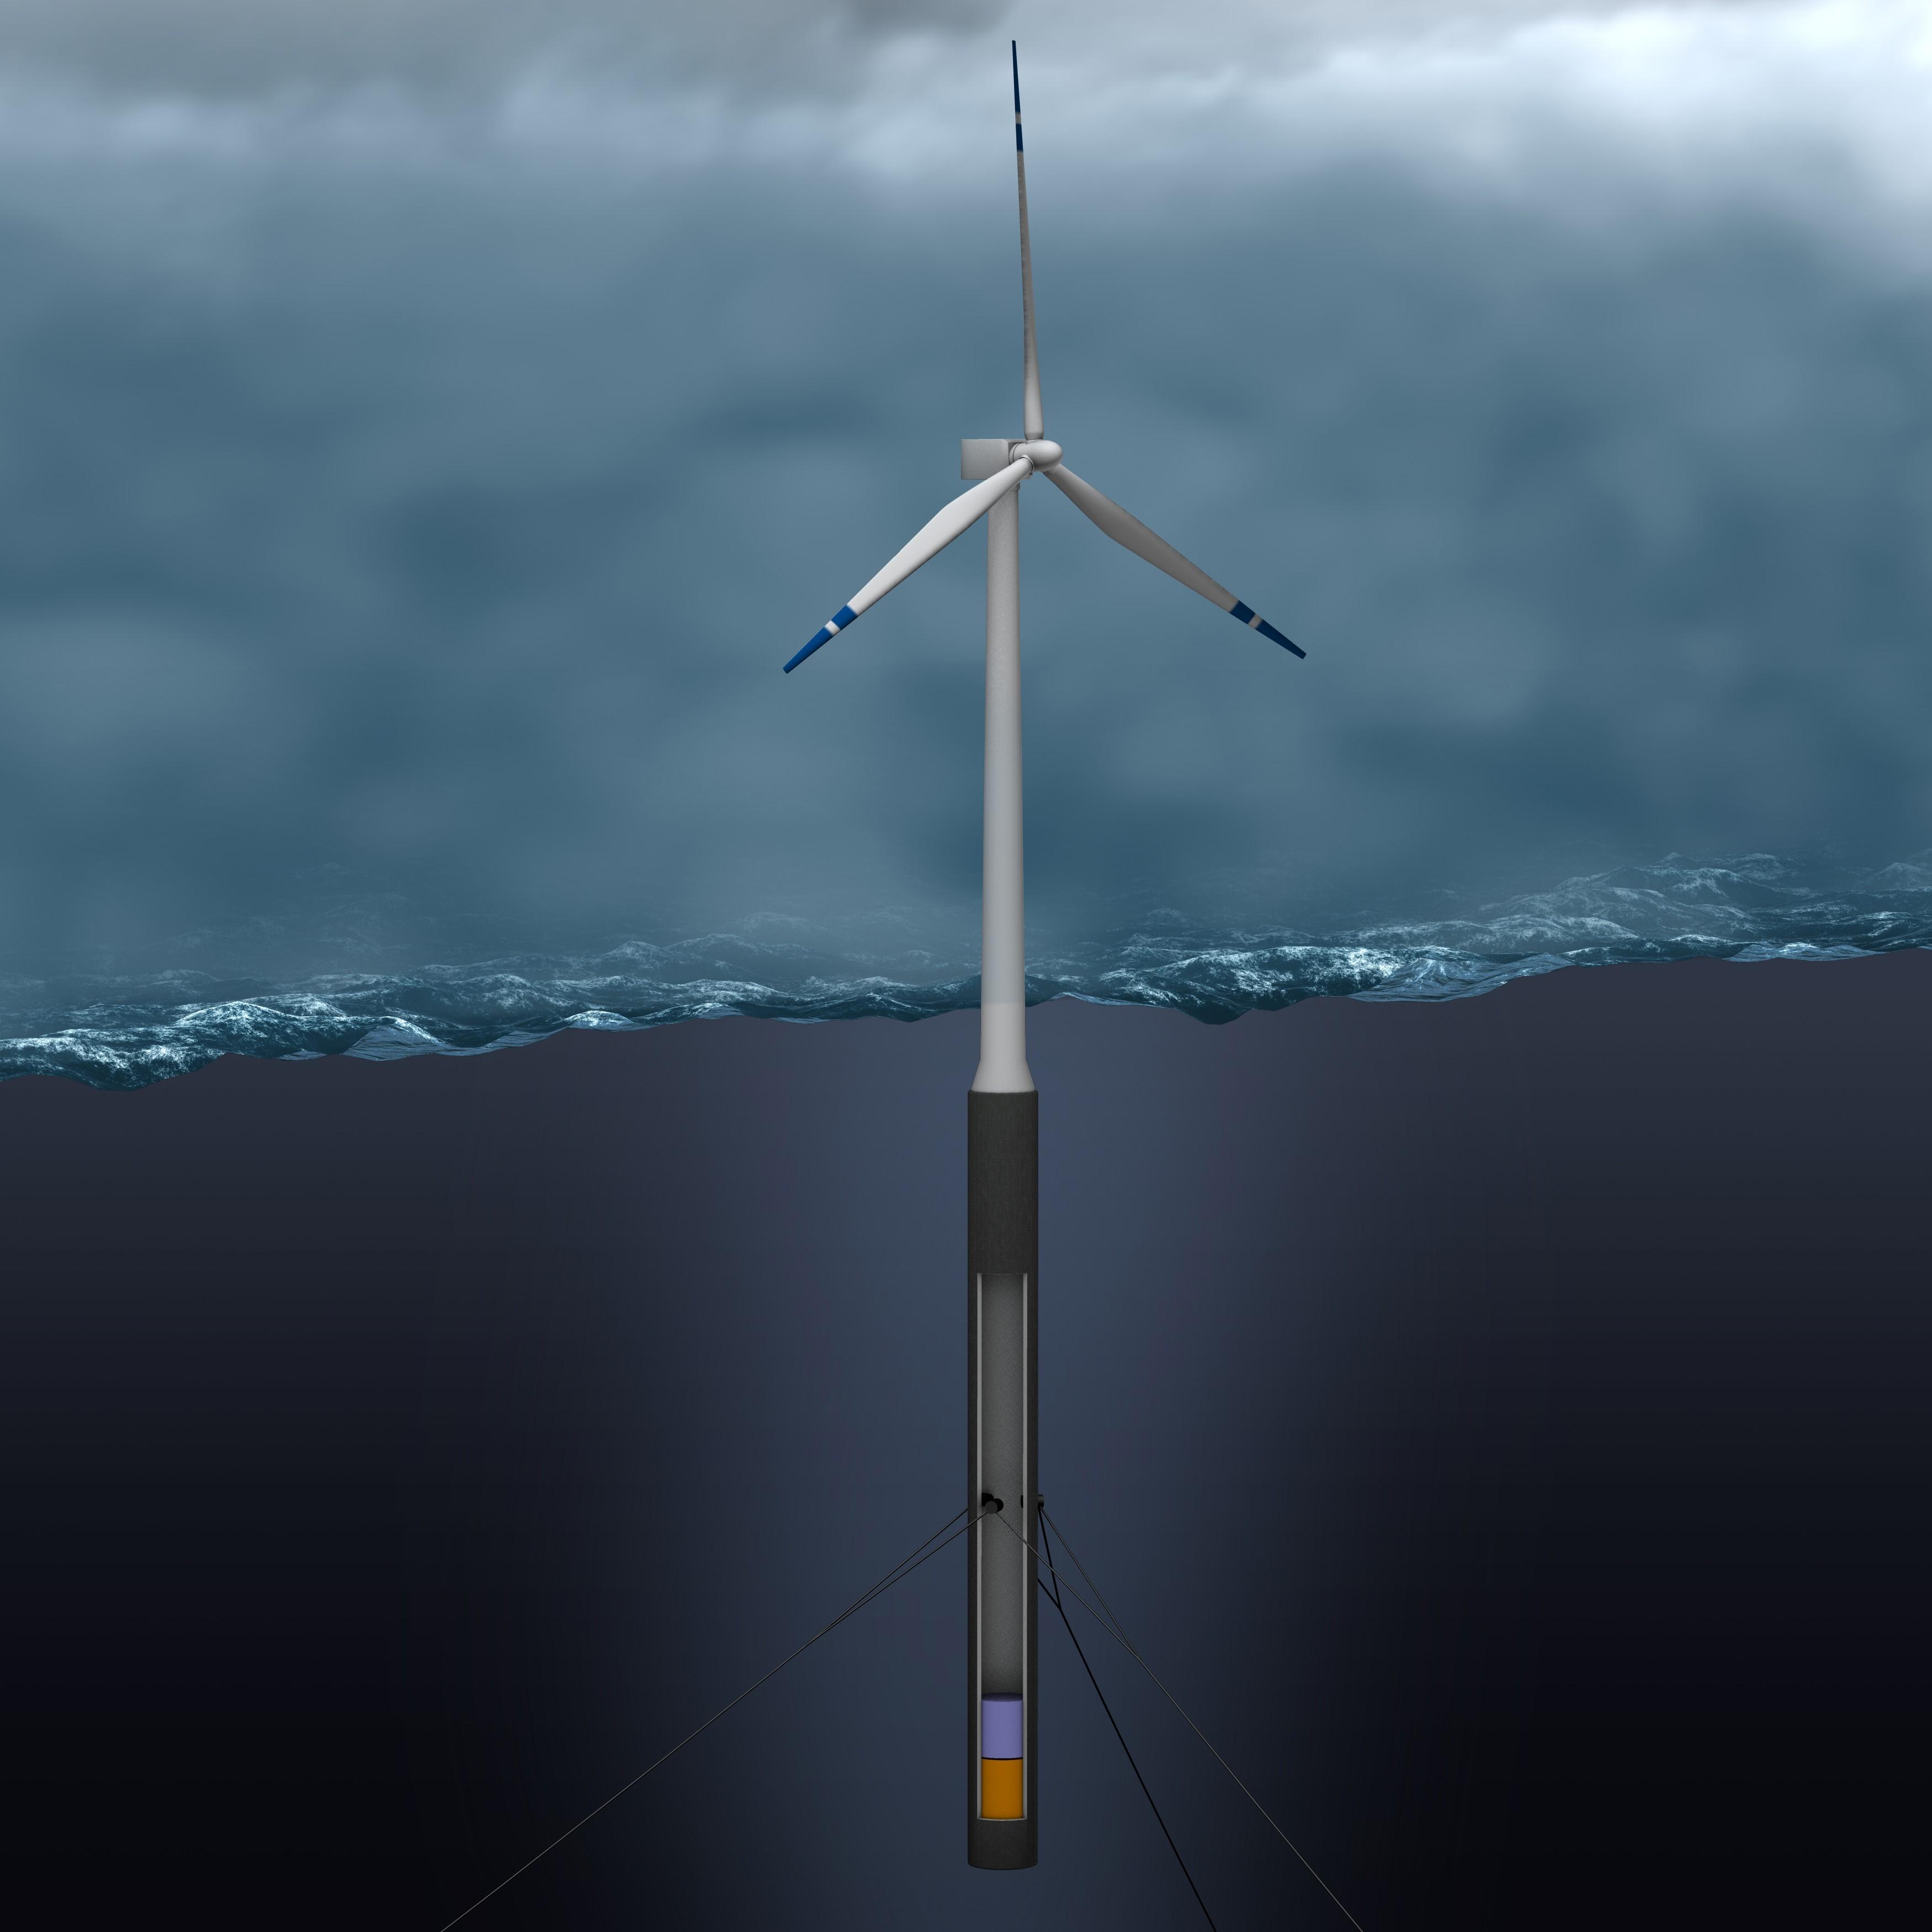 rüzgar enerjisi depolanabilir mi